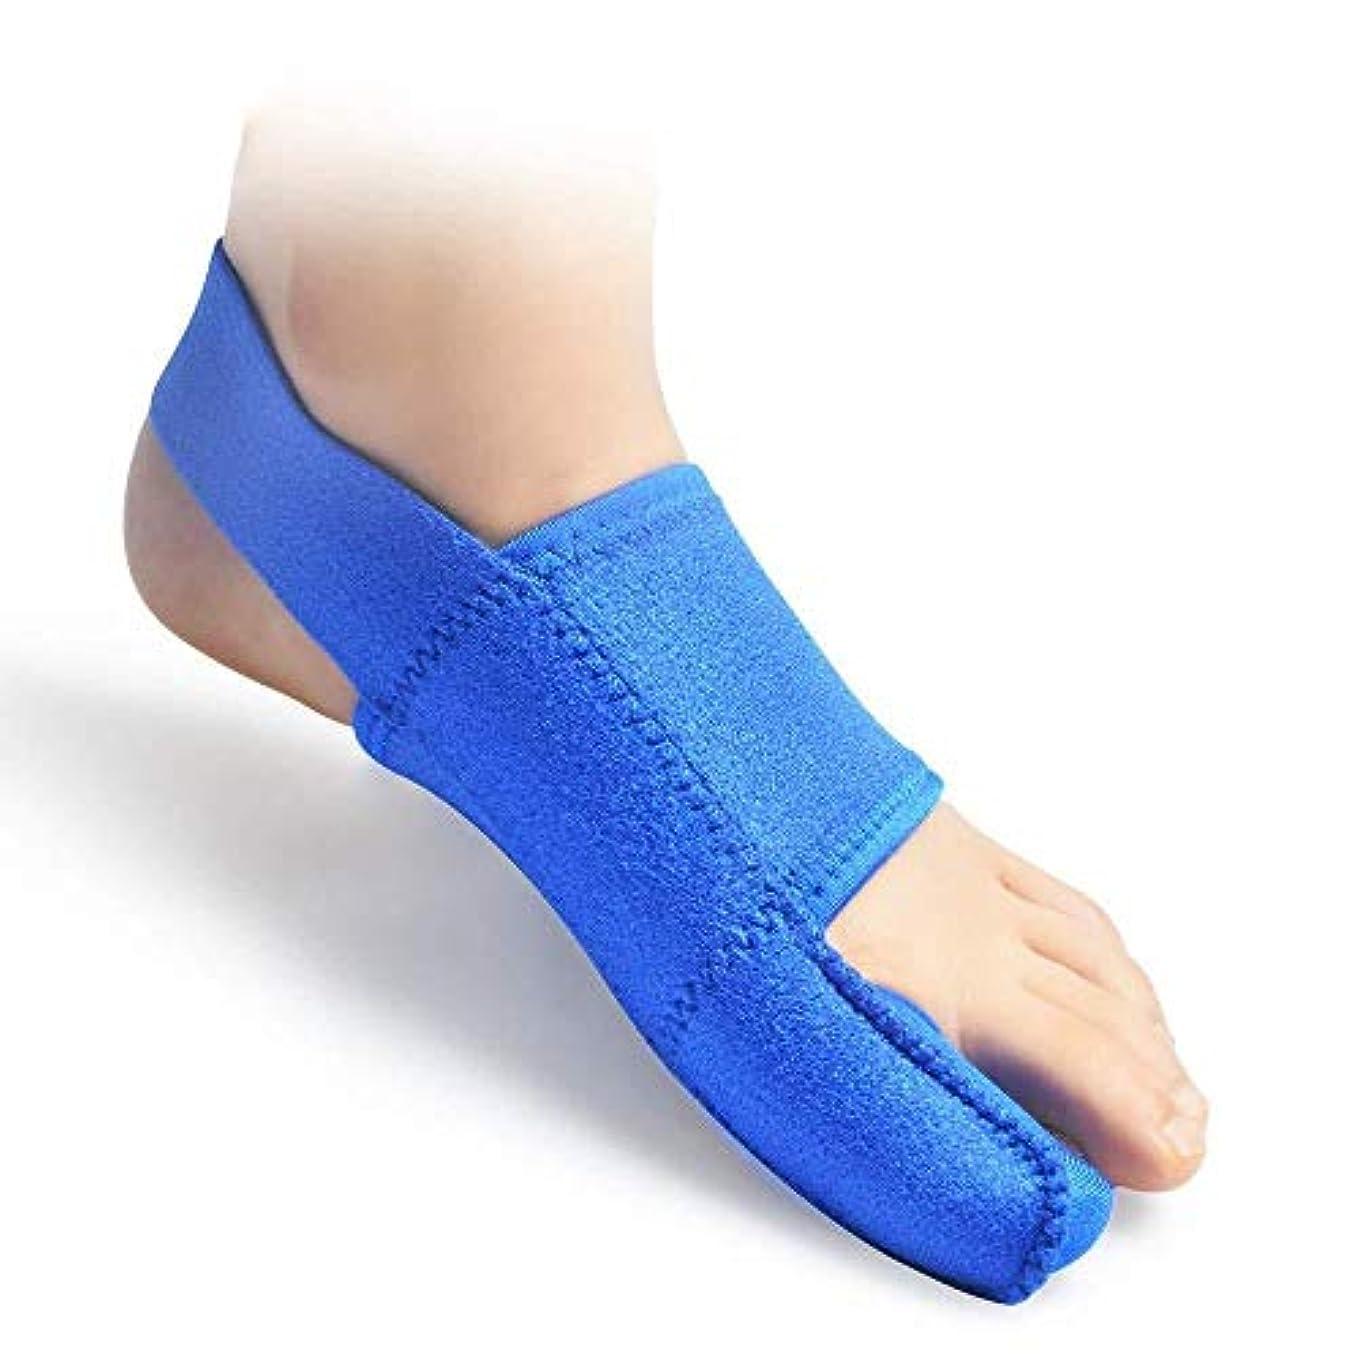 架空のソート策定するつま先セパレーター、つま先セパレーター、ハンマーの痛みのための超ソフトで快適なつま先のつま先つま先セパレーター装具,Left Foot